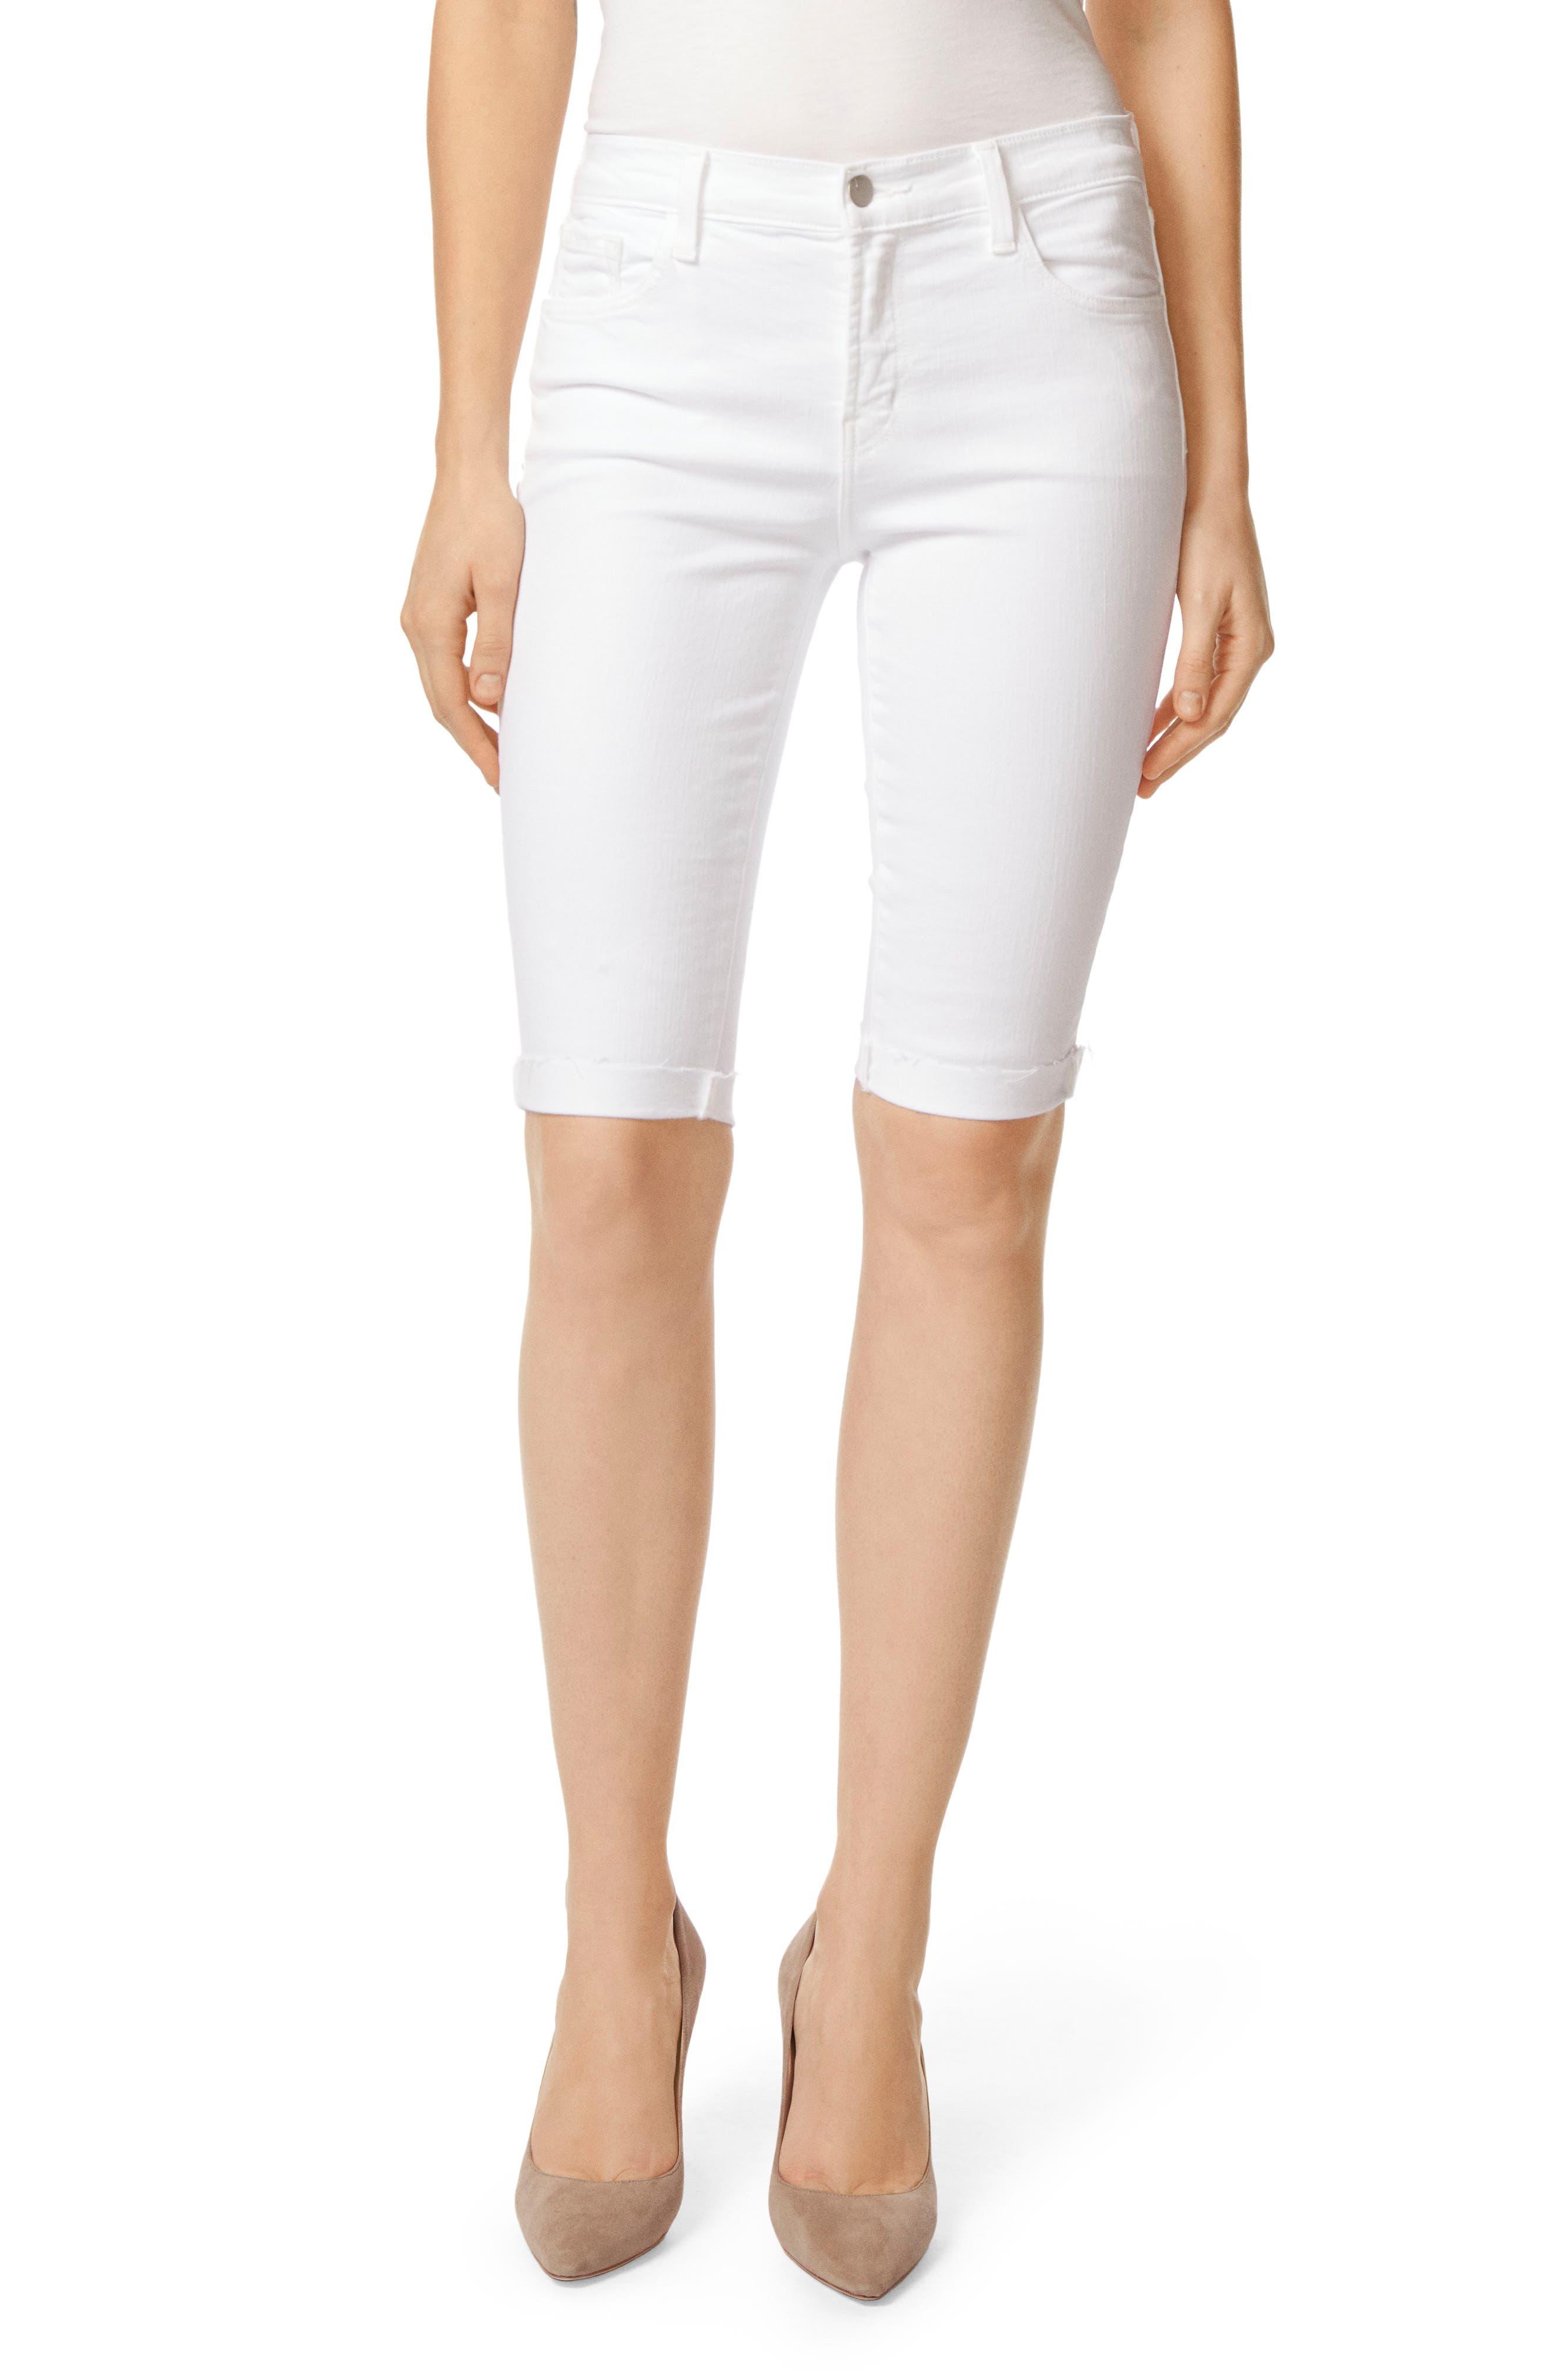 811 Skinny Bermuda Shorts,                             Main thumbnail 1, color,                             Blanc